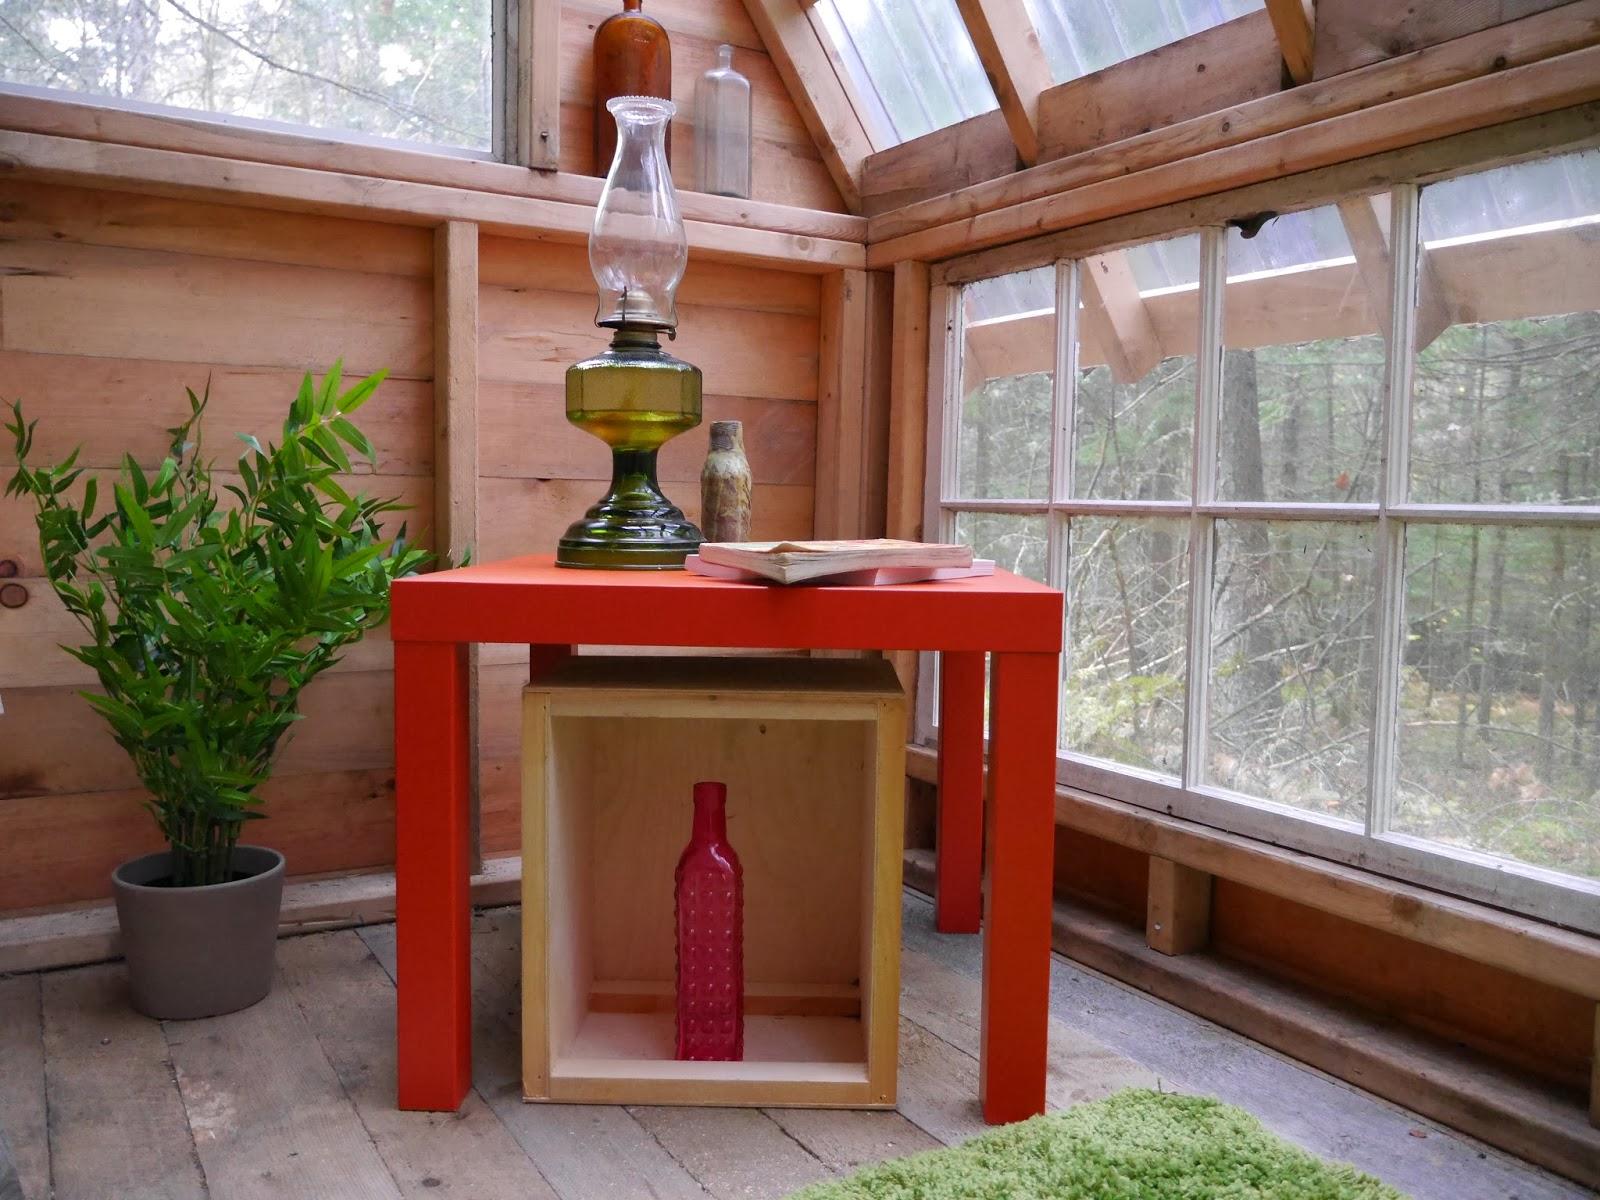 cabin kerosene lamp